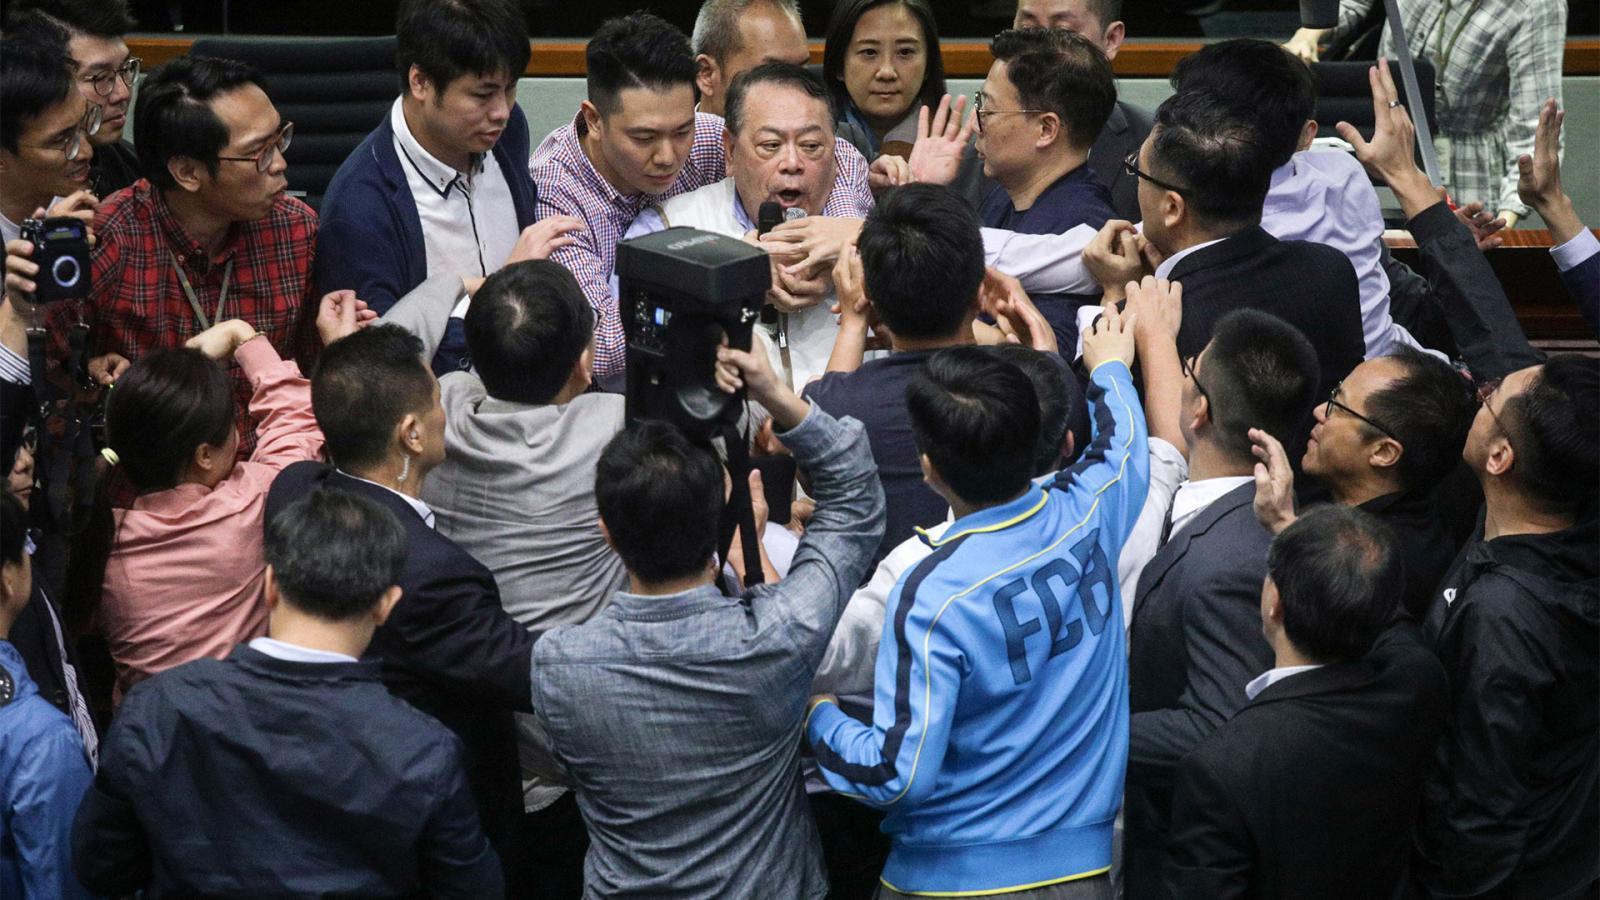 สภาฮ่องกงเดือด! ส.ส.หนุน-ต้านจีน ปะทะกลางที่ประชุม